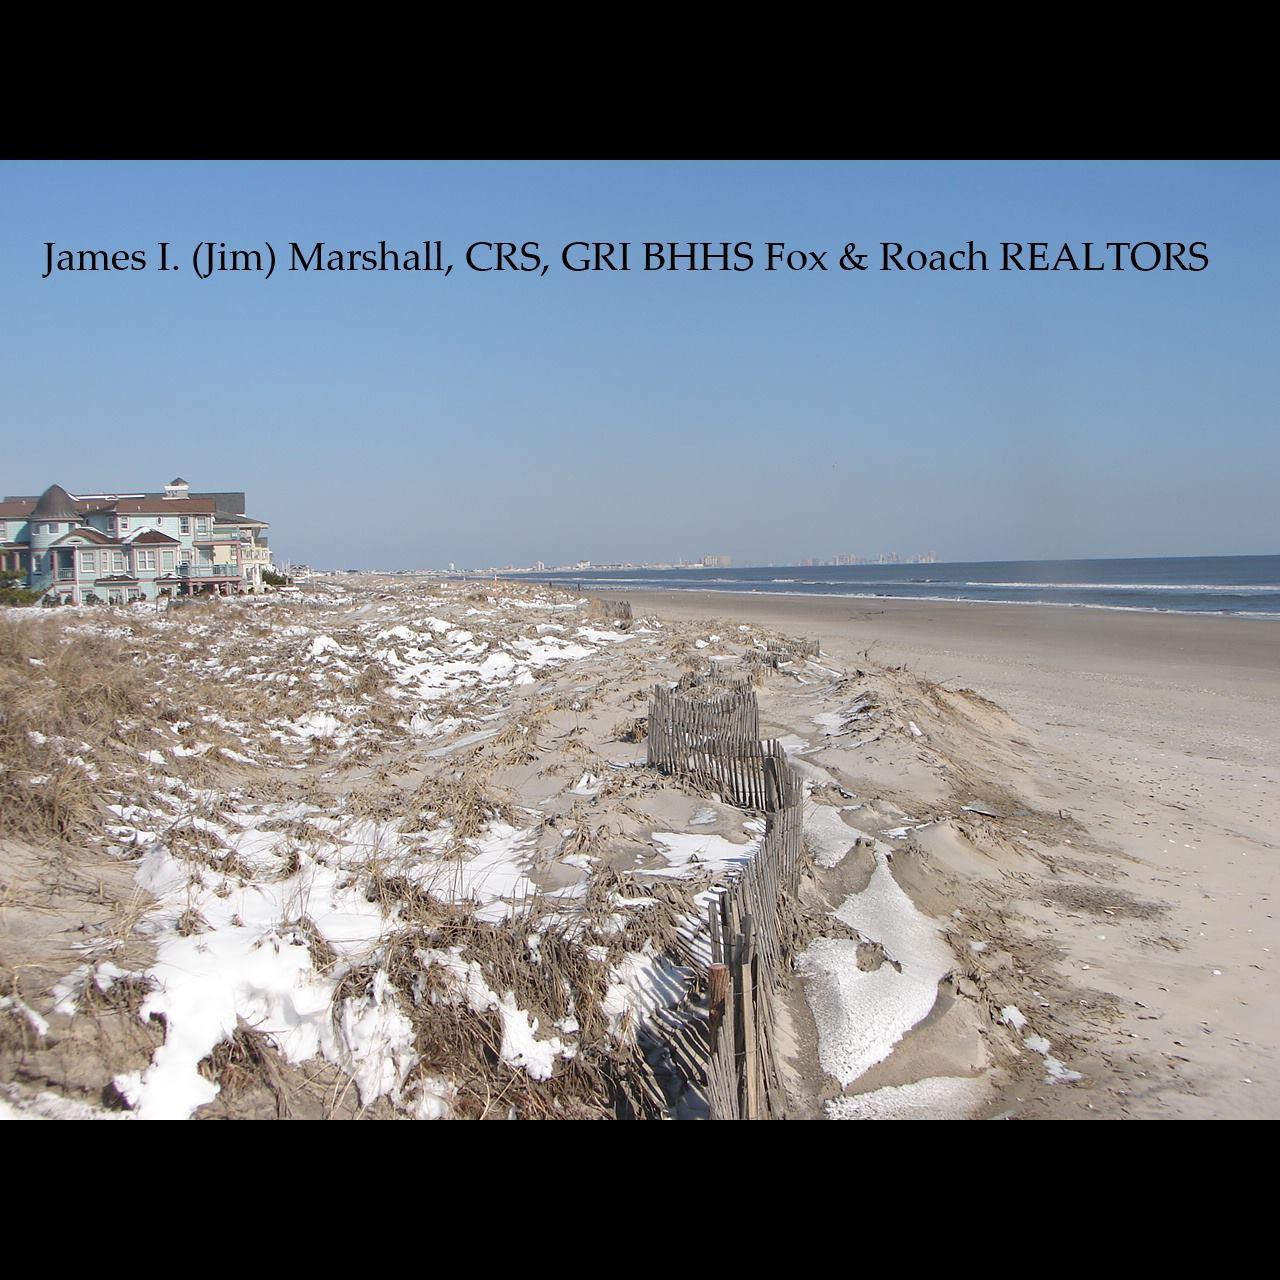 James I. (Jim) Marshall, CRS, GRI BHHS Fox & Roach REALTORS